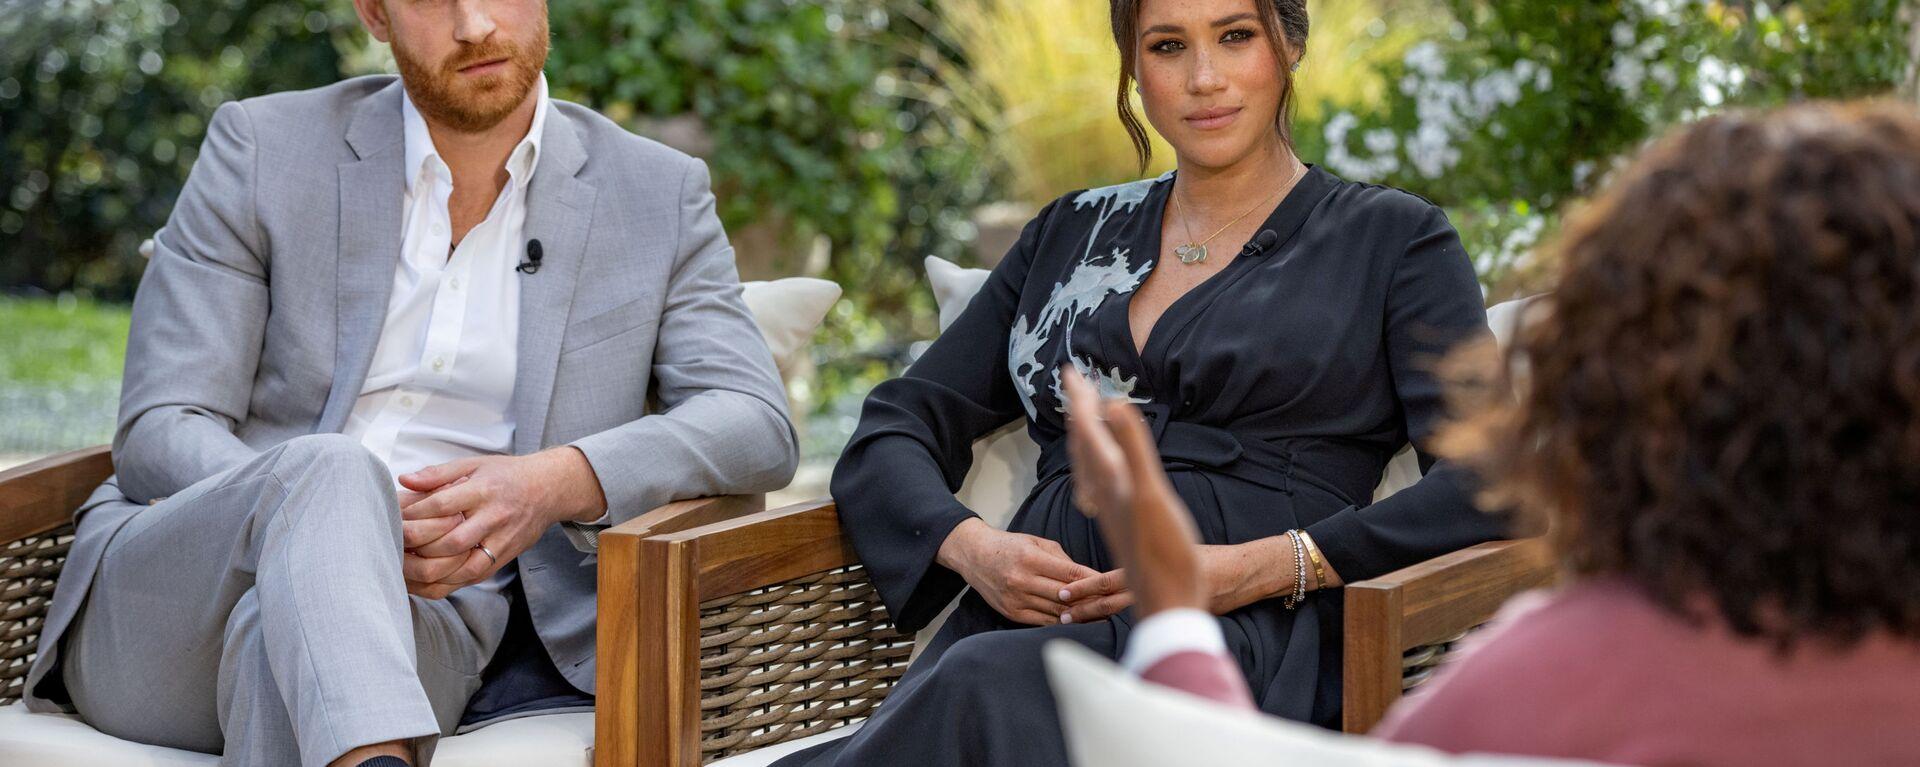 Il principe Harry e Meghan, duchessa del Sussex, vengono intervistati da Oprah Winfrey in questa foto non datata. - Sputnik Italia, 1920, 10.03.2021